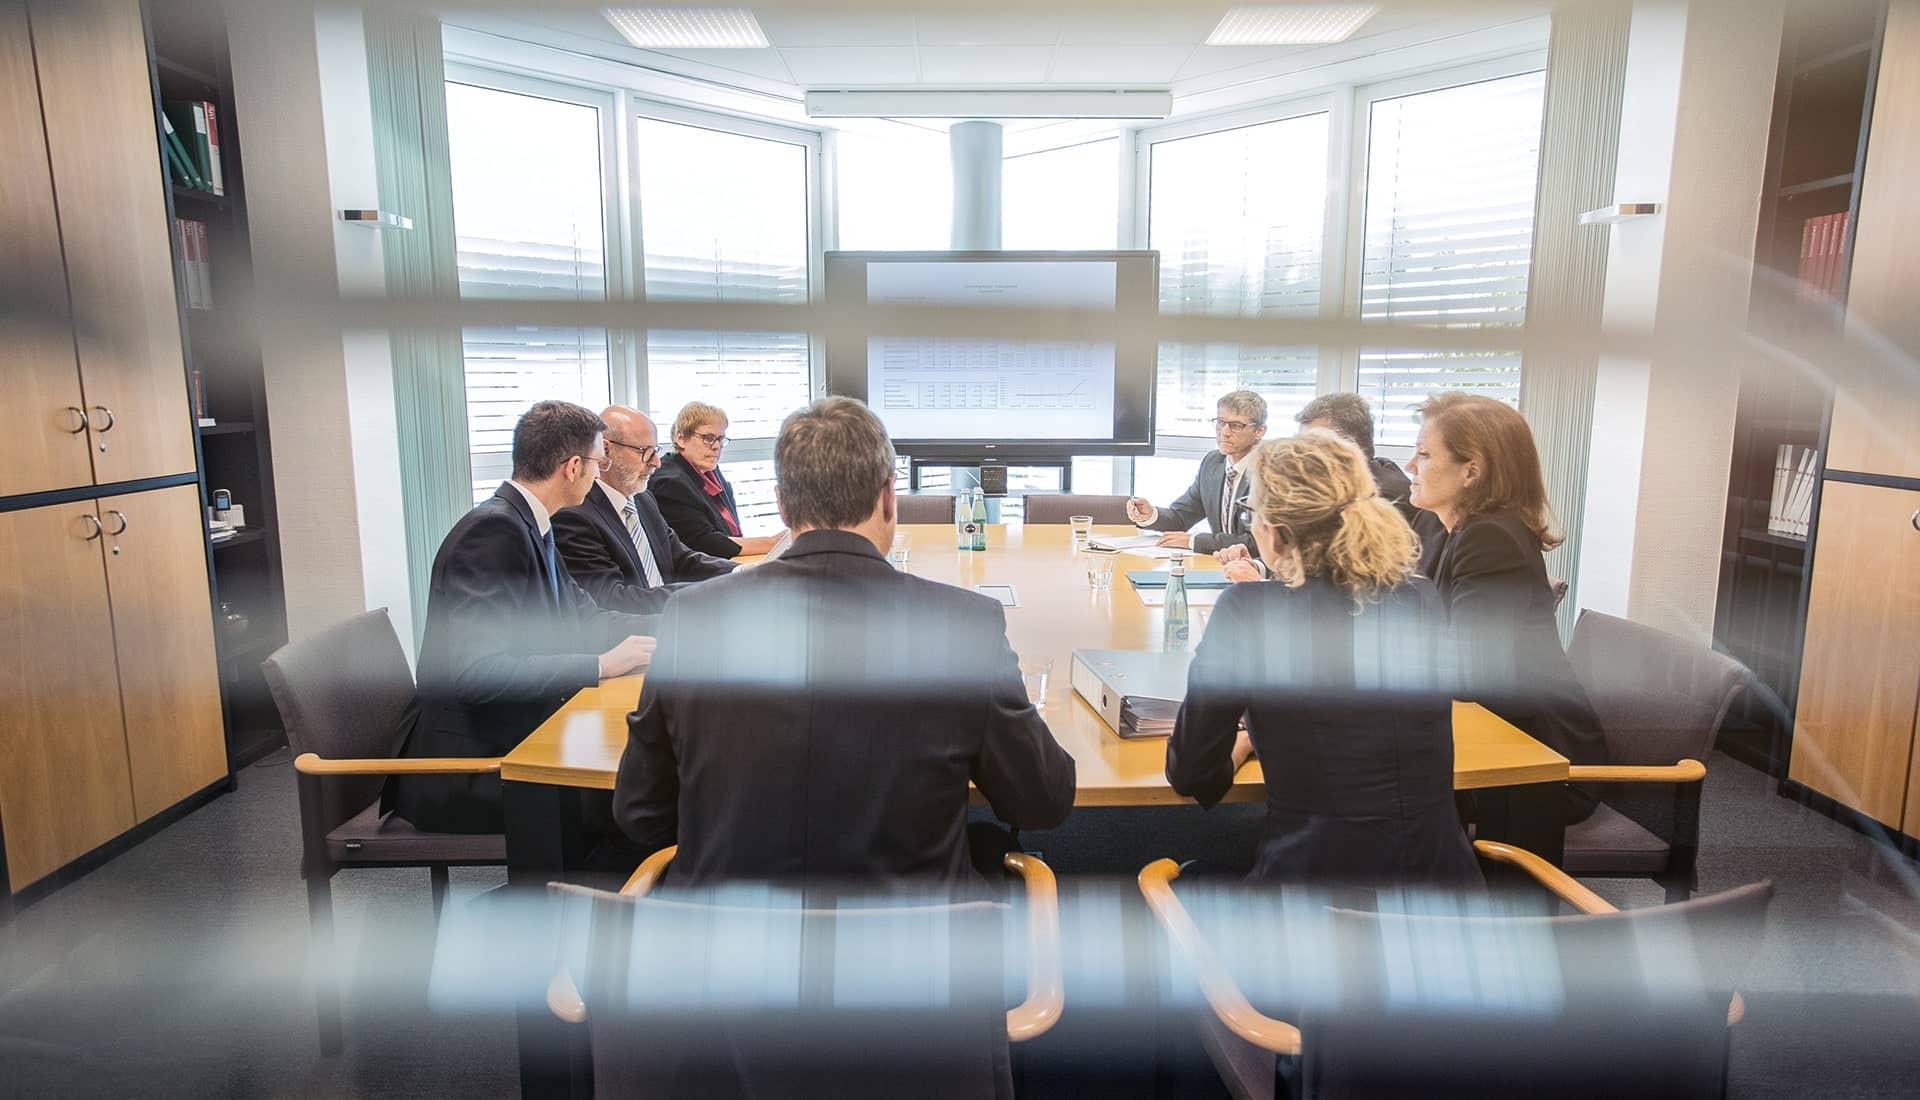 Konferenzraum der MERGET + PARTNER Steuerberater, Rechtsanwälte, Wirtschaftsprüfer aus Aschaffenburg